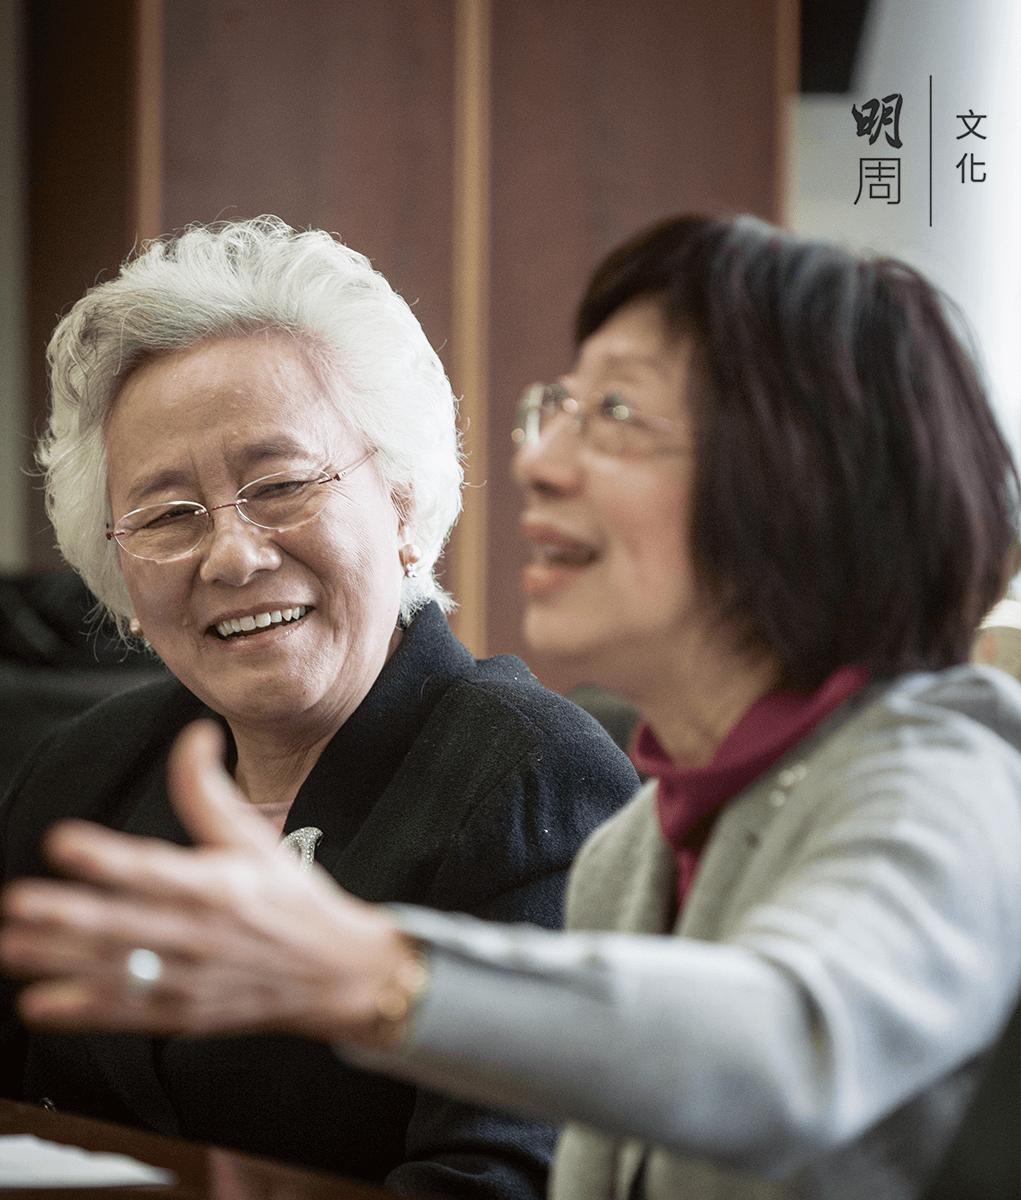 香港防癌會主席朱楊珀瑜(左)與 香港防癌會「改善癌病人生活」基金委員黃馮玉棠(右)認為,讓病者有尊嚴離開,身、心、社、靈的關顧每個環節都不可或缺。